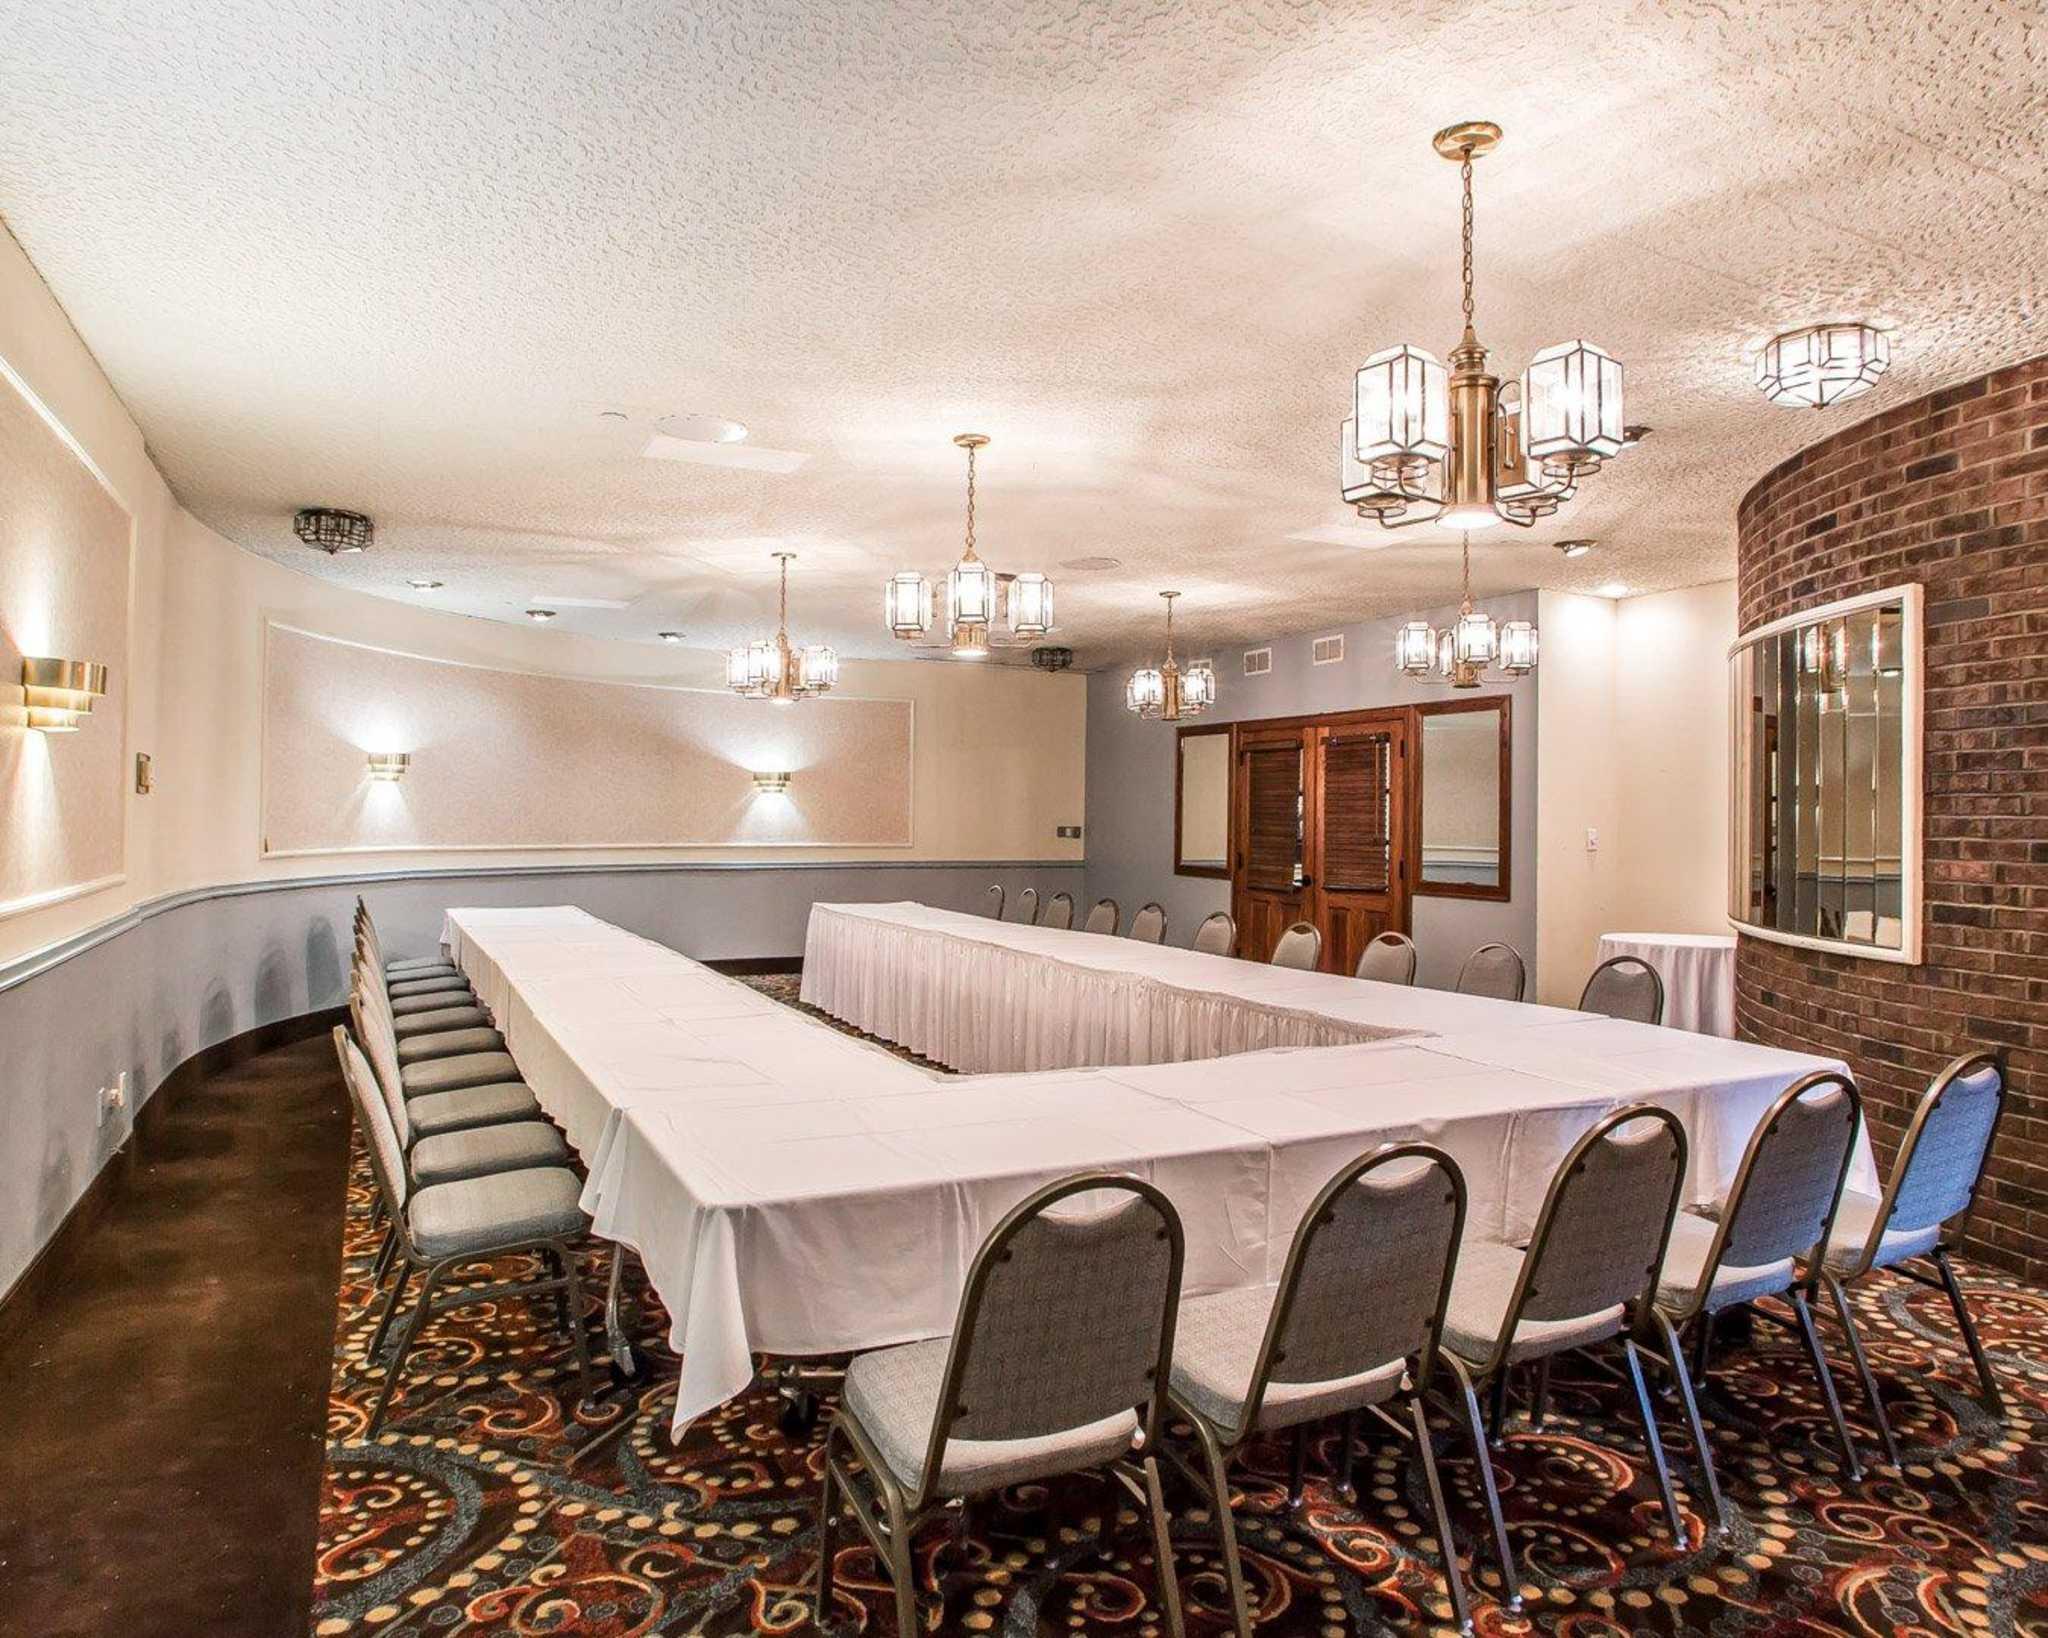 Clarion Hotel Highlander Conference Center image 18